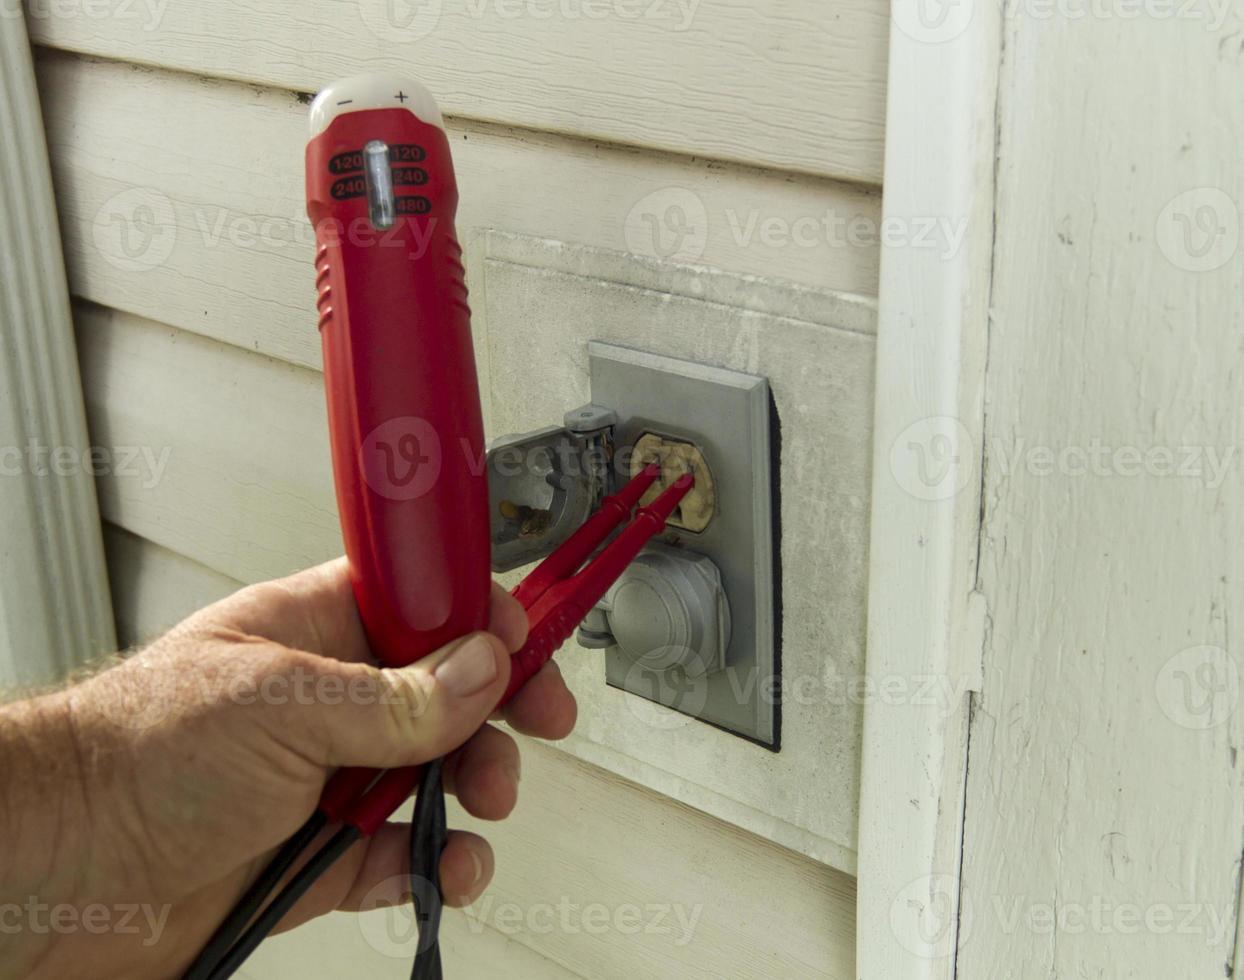 électricien testant une prise extérieure photo